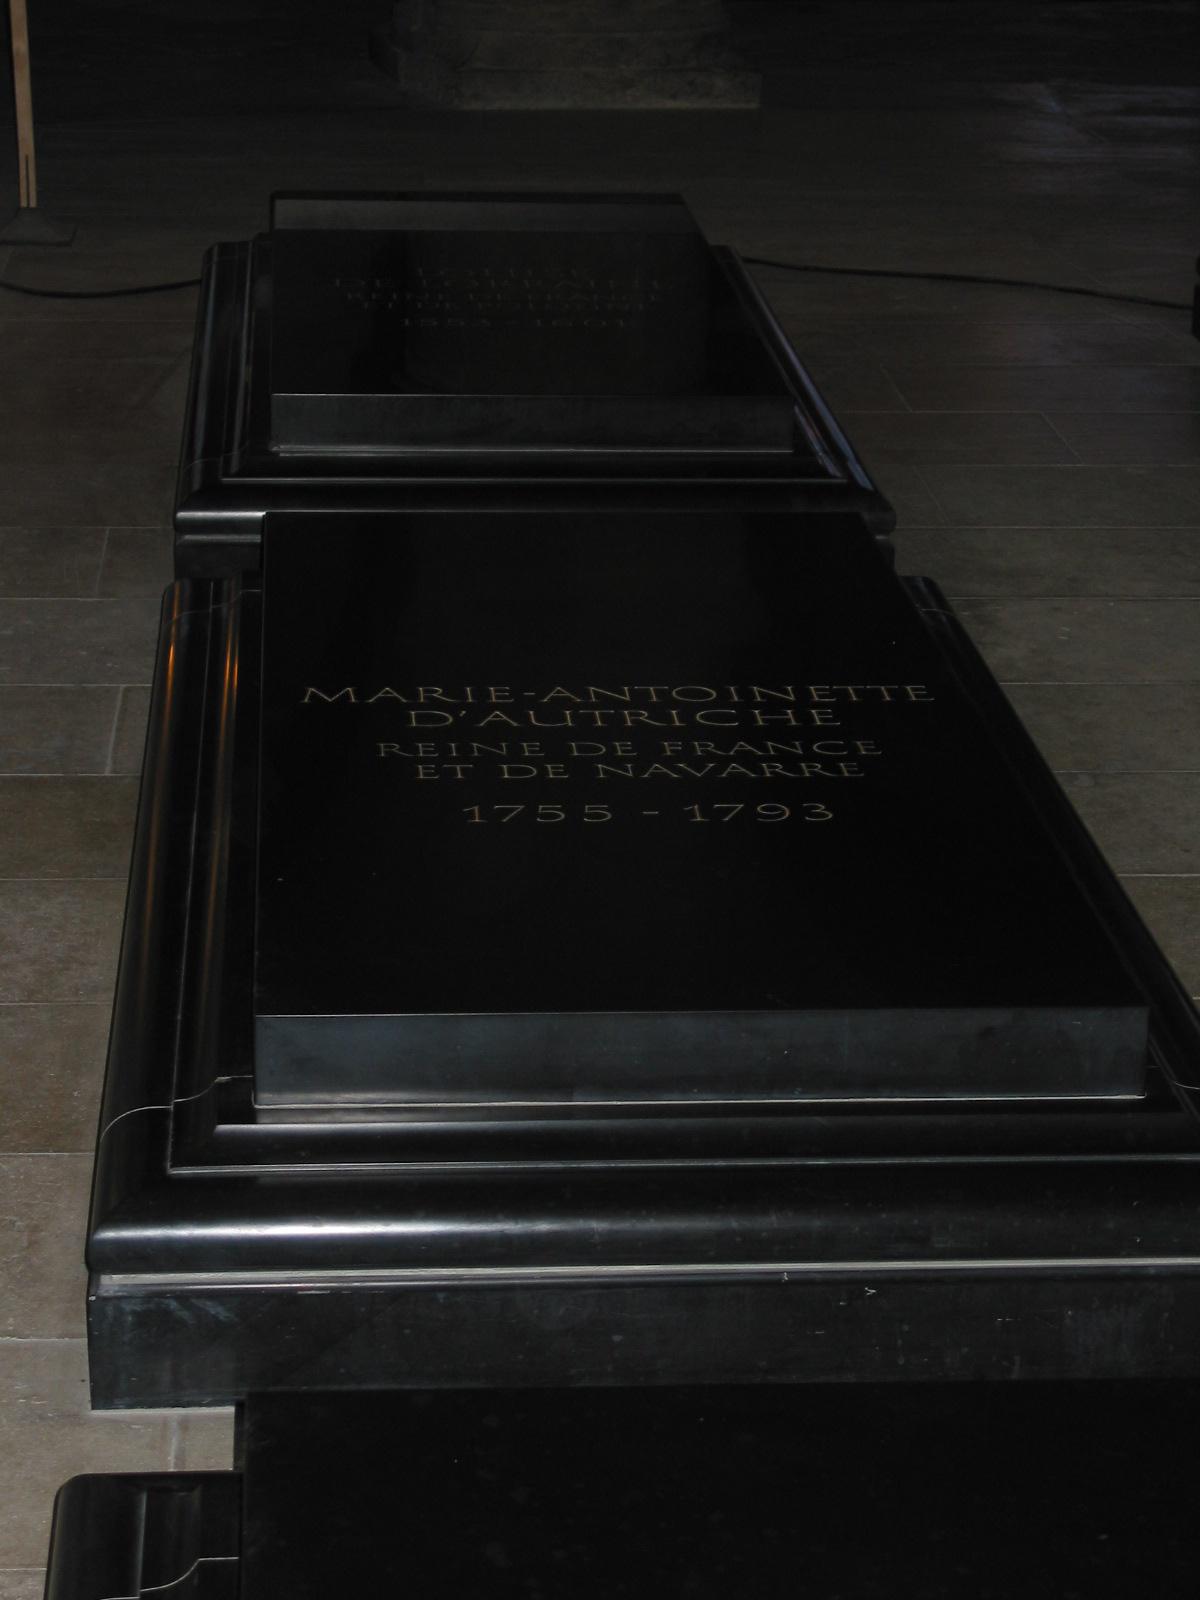 2005 Europe Marie Antoinette grave